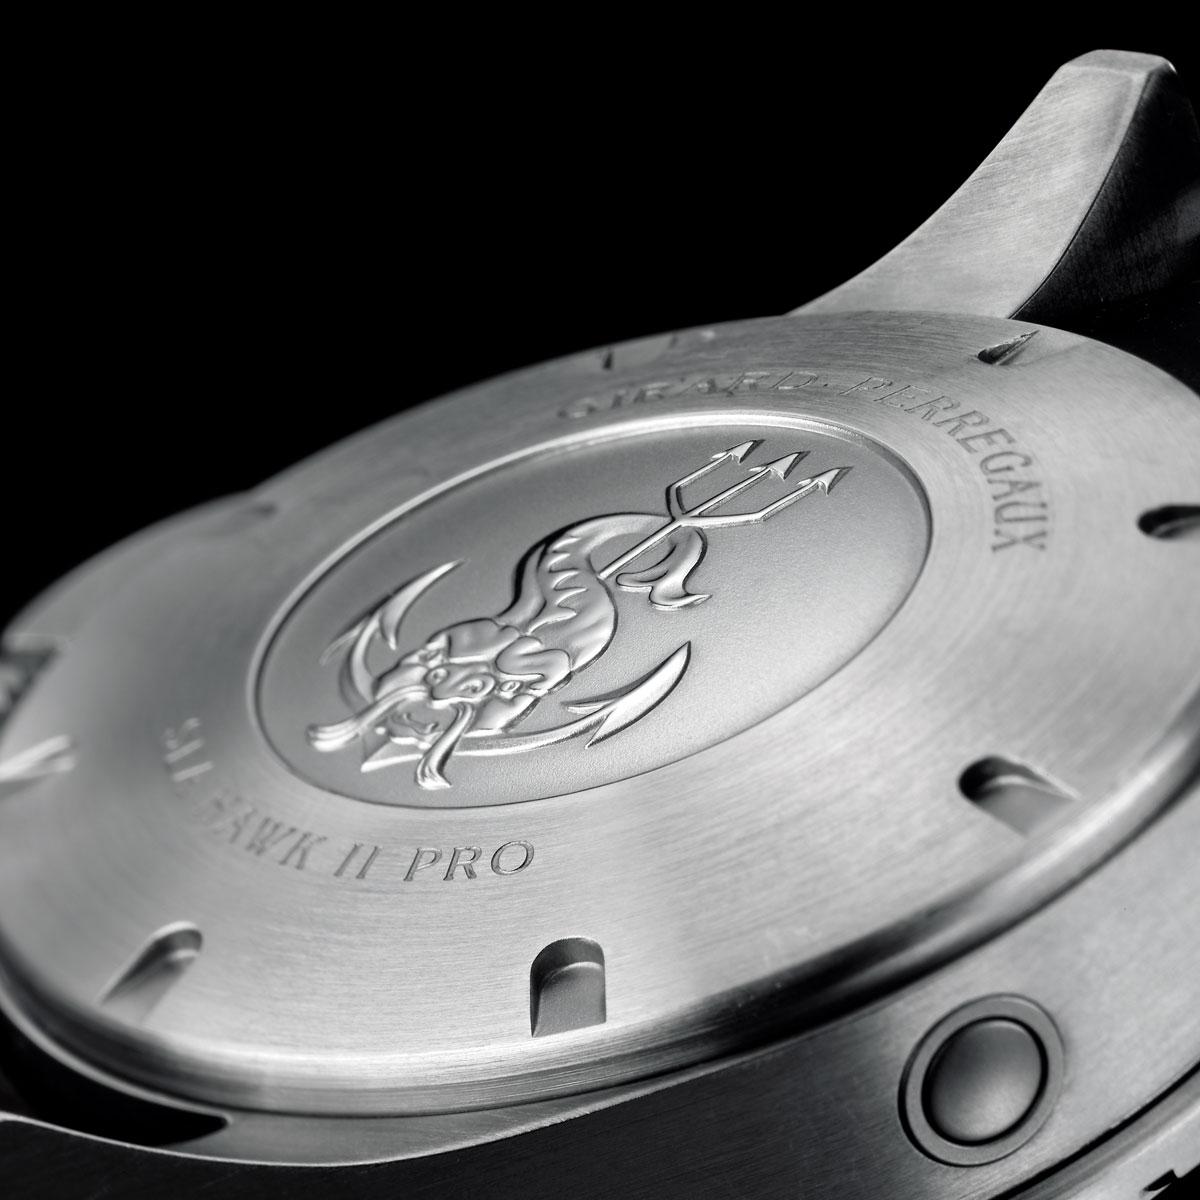 The Watch Quote: Photo - Girard-Perregaux Sea Hawk Pro 1,000M